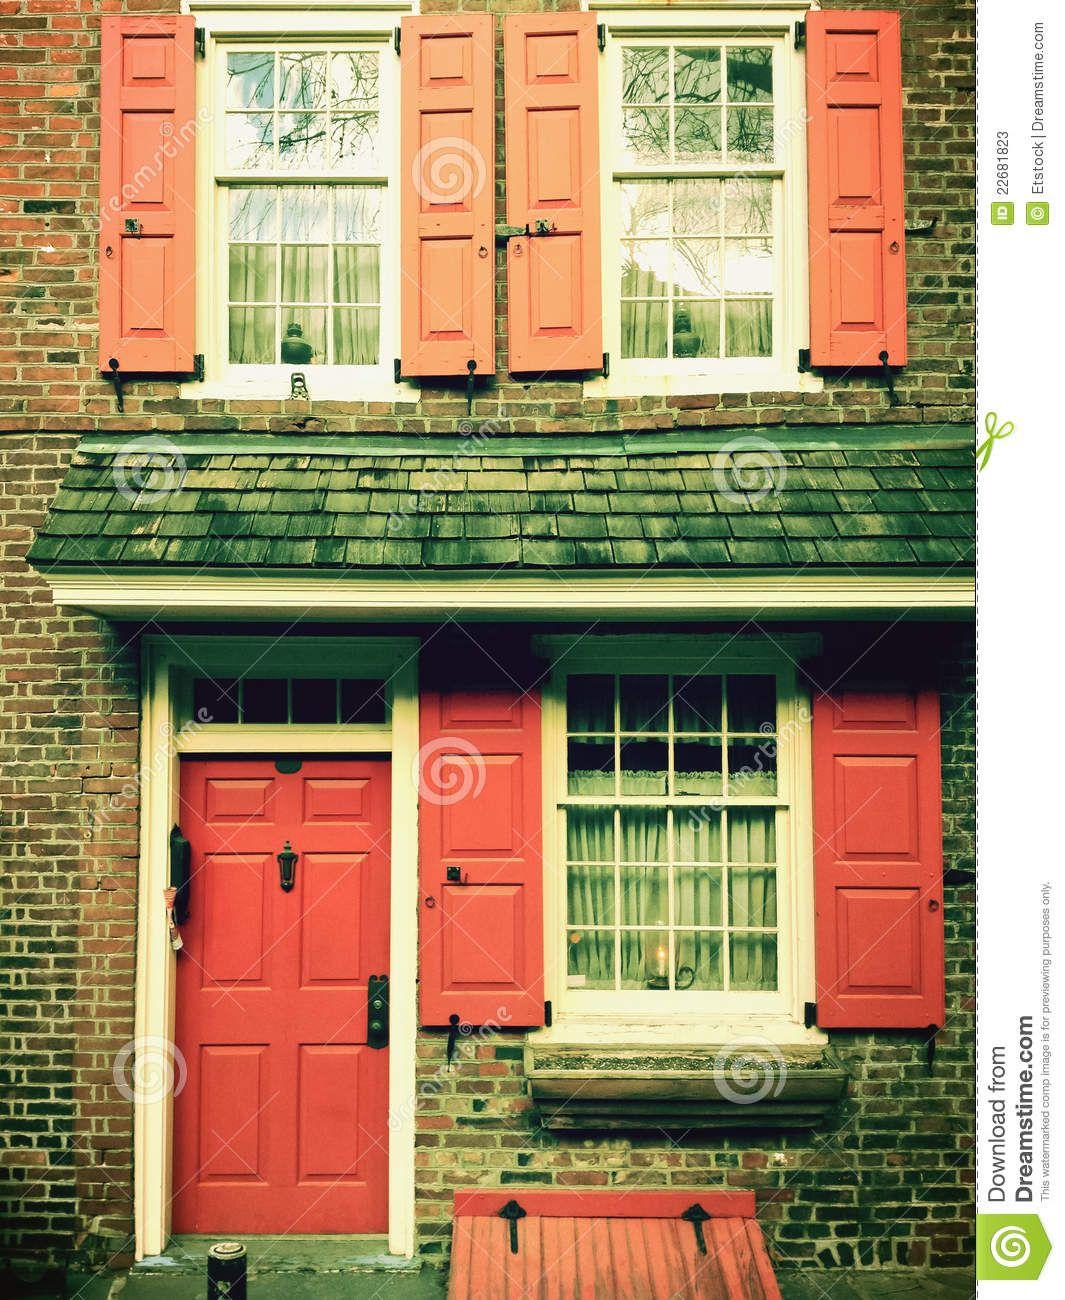 Historisch Huis Bij De Steeg Van Elfreth In Philadelphia - Downloaden van meer dan 39 Miljoen hoge kwaliteit stock foto's, Beelden, Vectoren. Schrijf vandaag GRATIS in. Afbeelding: 22681823